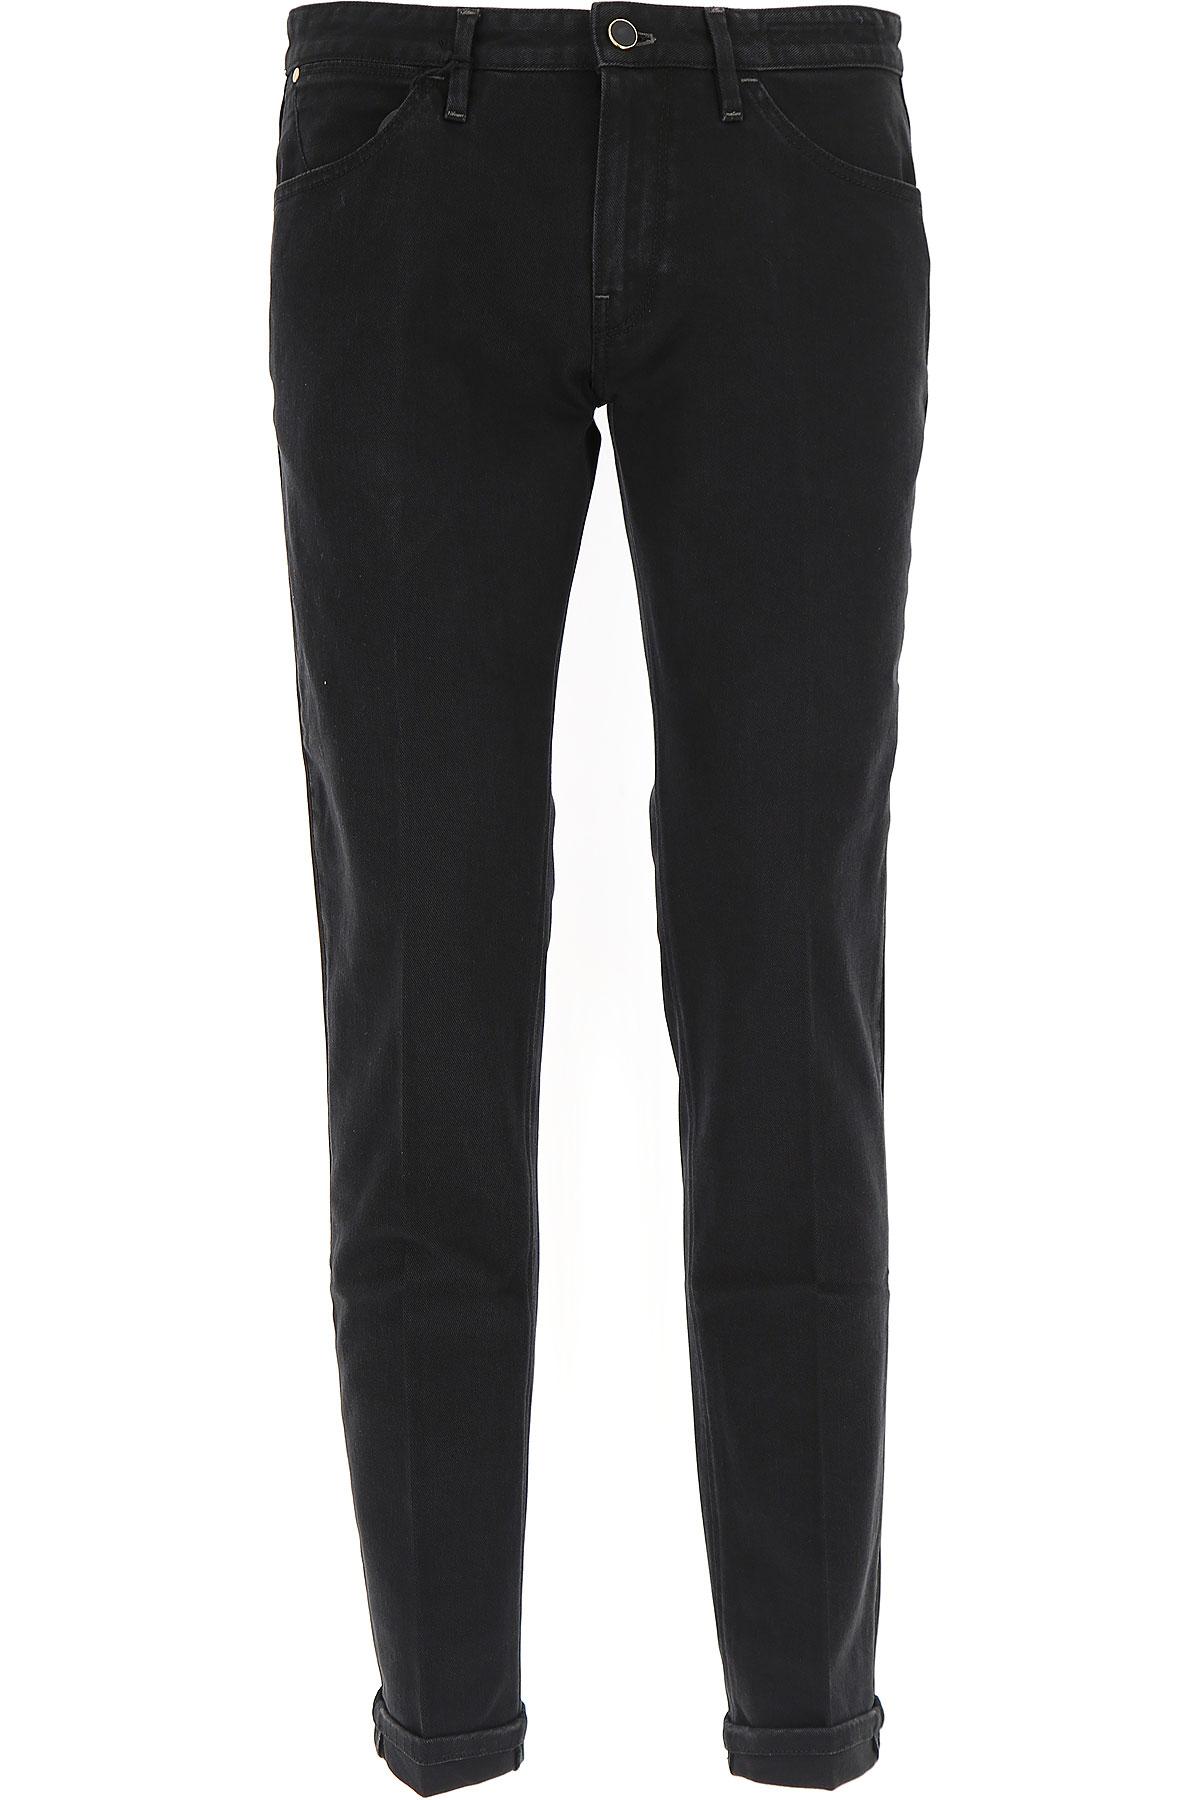 Image of PT05 Jeans, Black, Cotton, 2017, 30 32 34 36